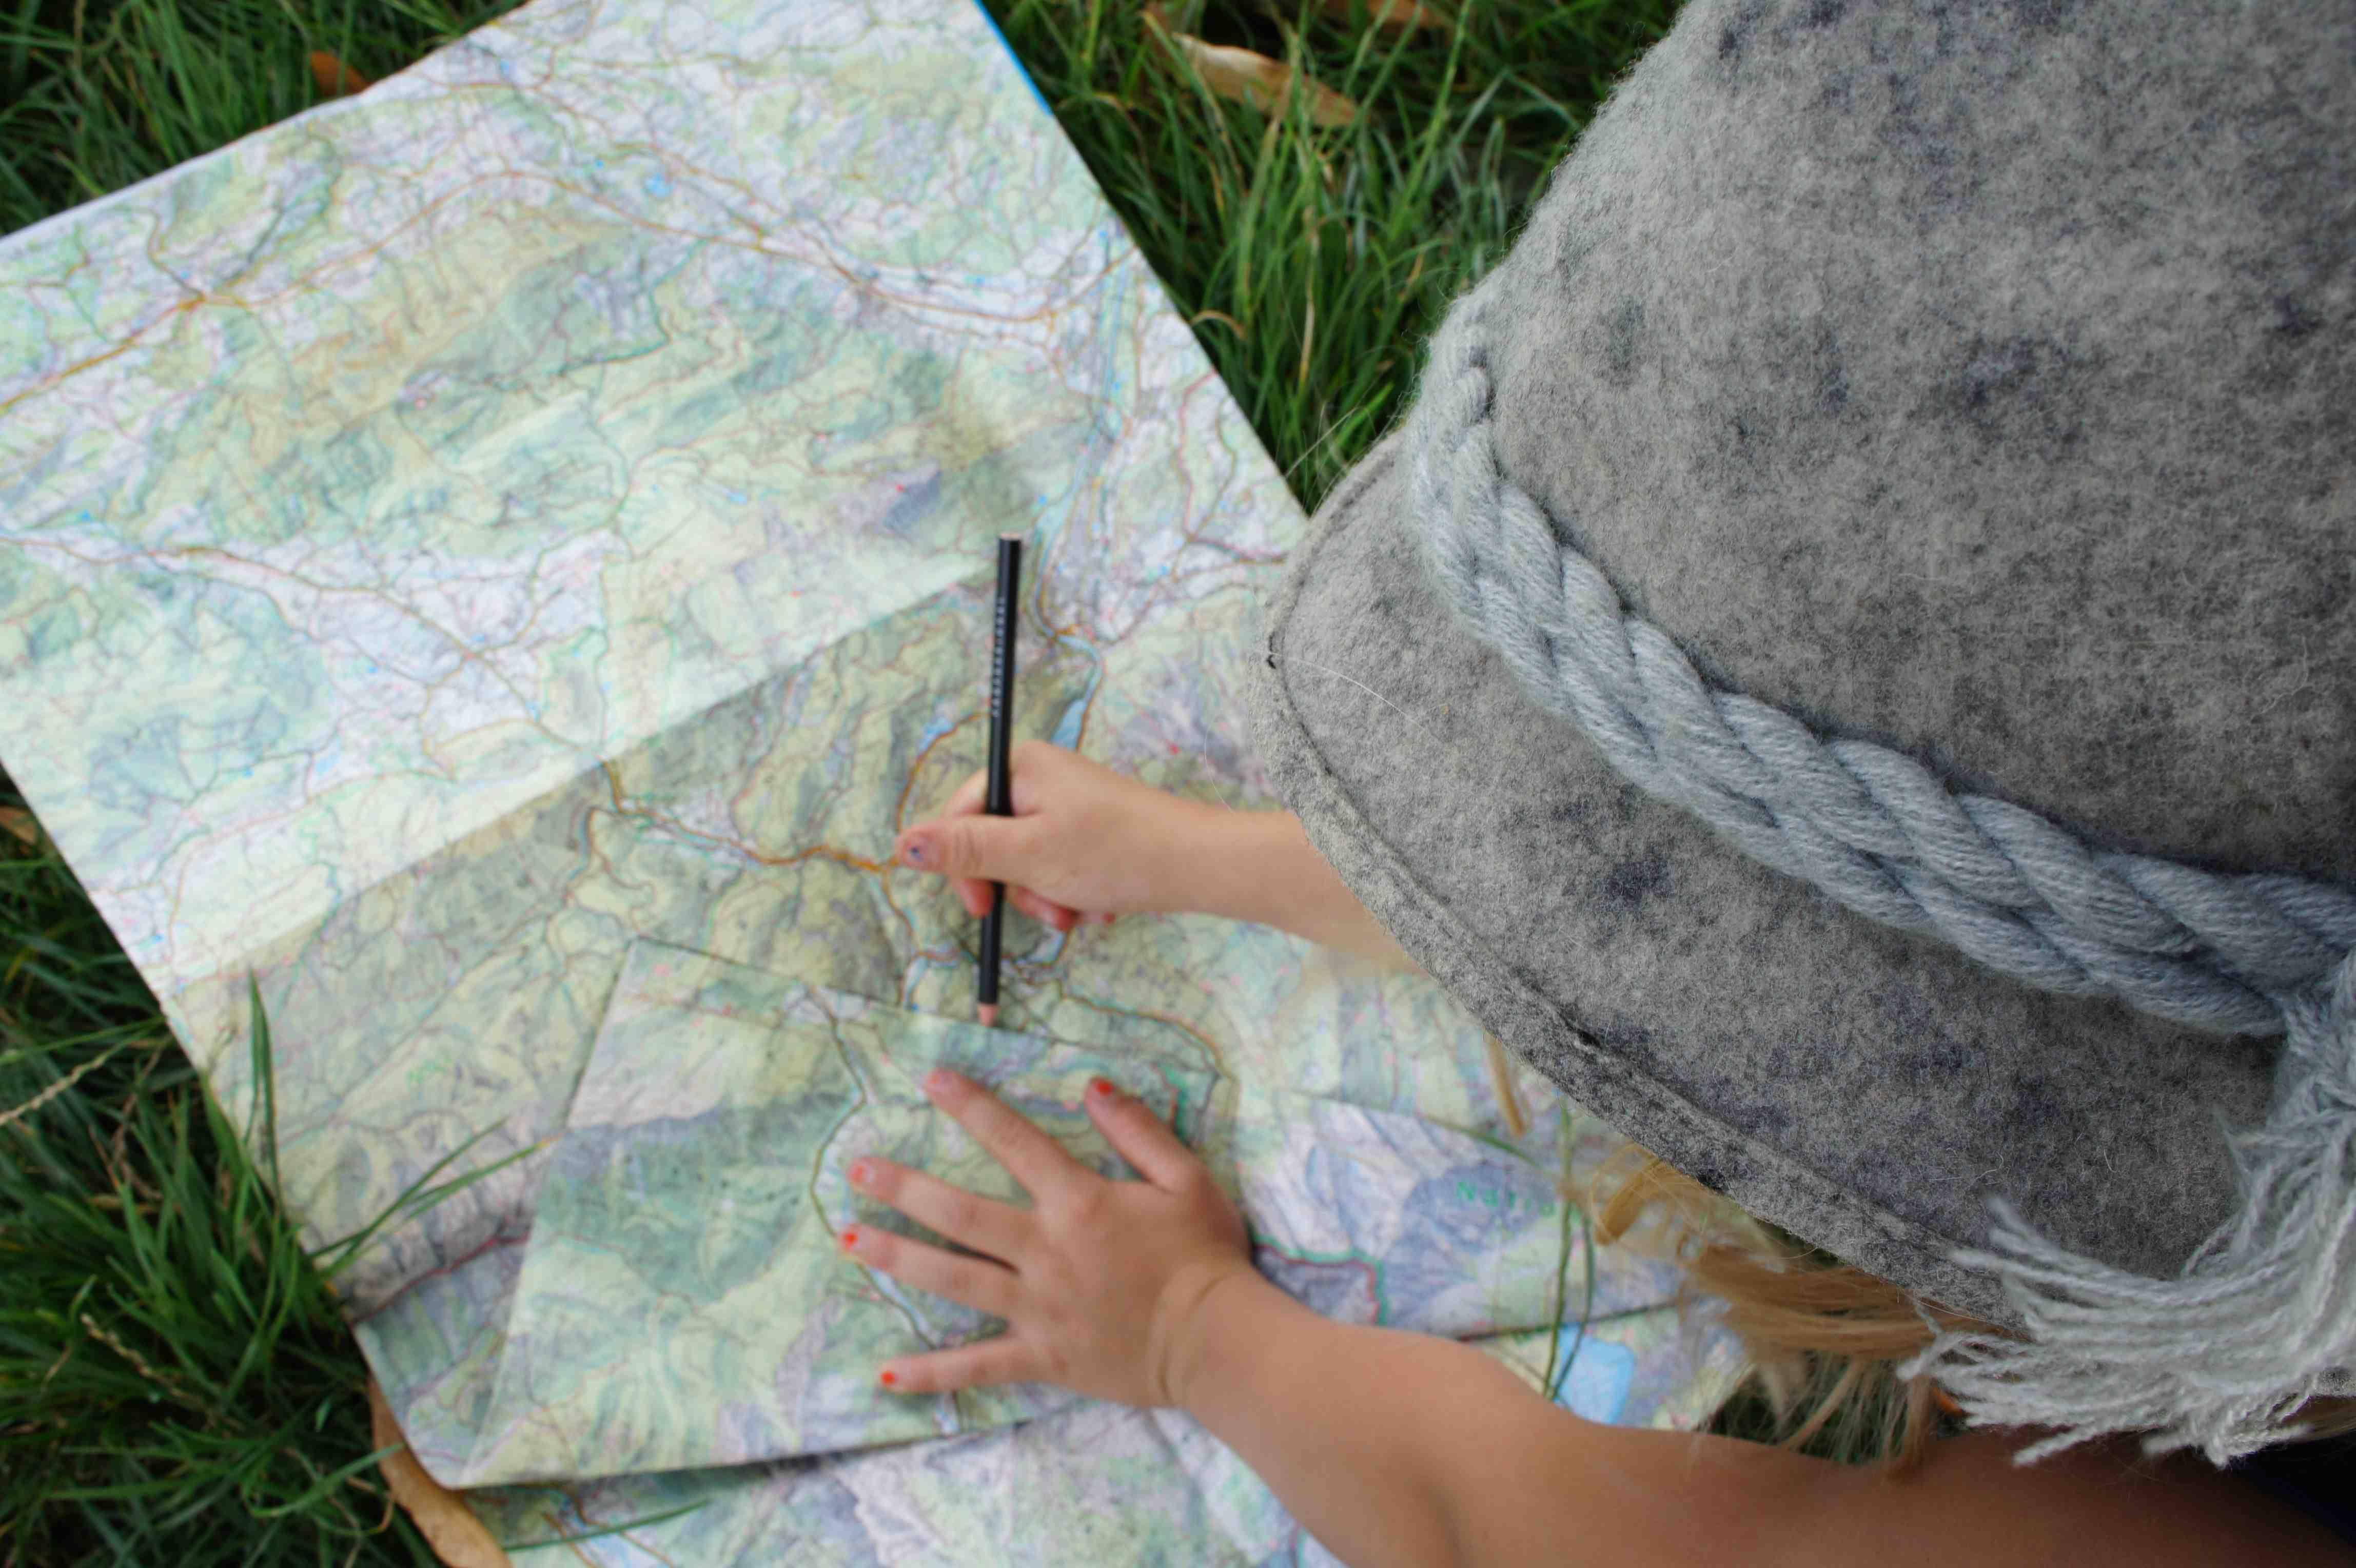 Ein Sonntagspaziergang ist ideal um das Können mit Karte und Kompass einzustudieren. Wenn Kinder und Eltern die einfache Funktionsweise verstanden haben, verlernen sie  es nicht mehr und finden bei den Outdoor-Abenteuern immer den richtigen Weg. Foto: (c) Kinderoutdoor.de